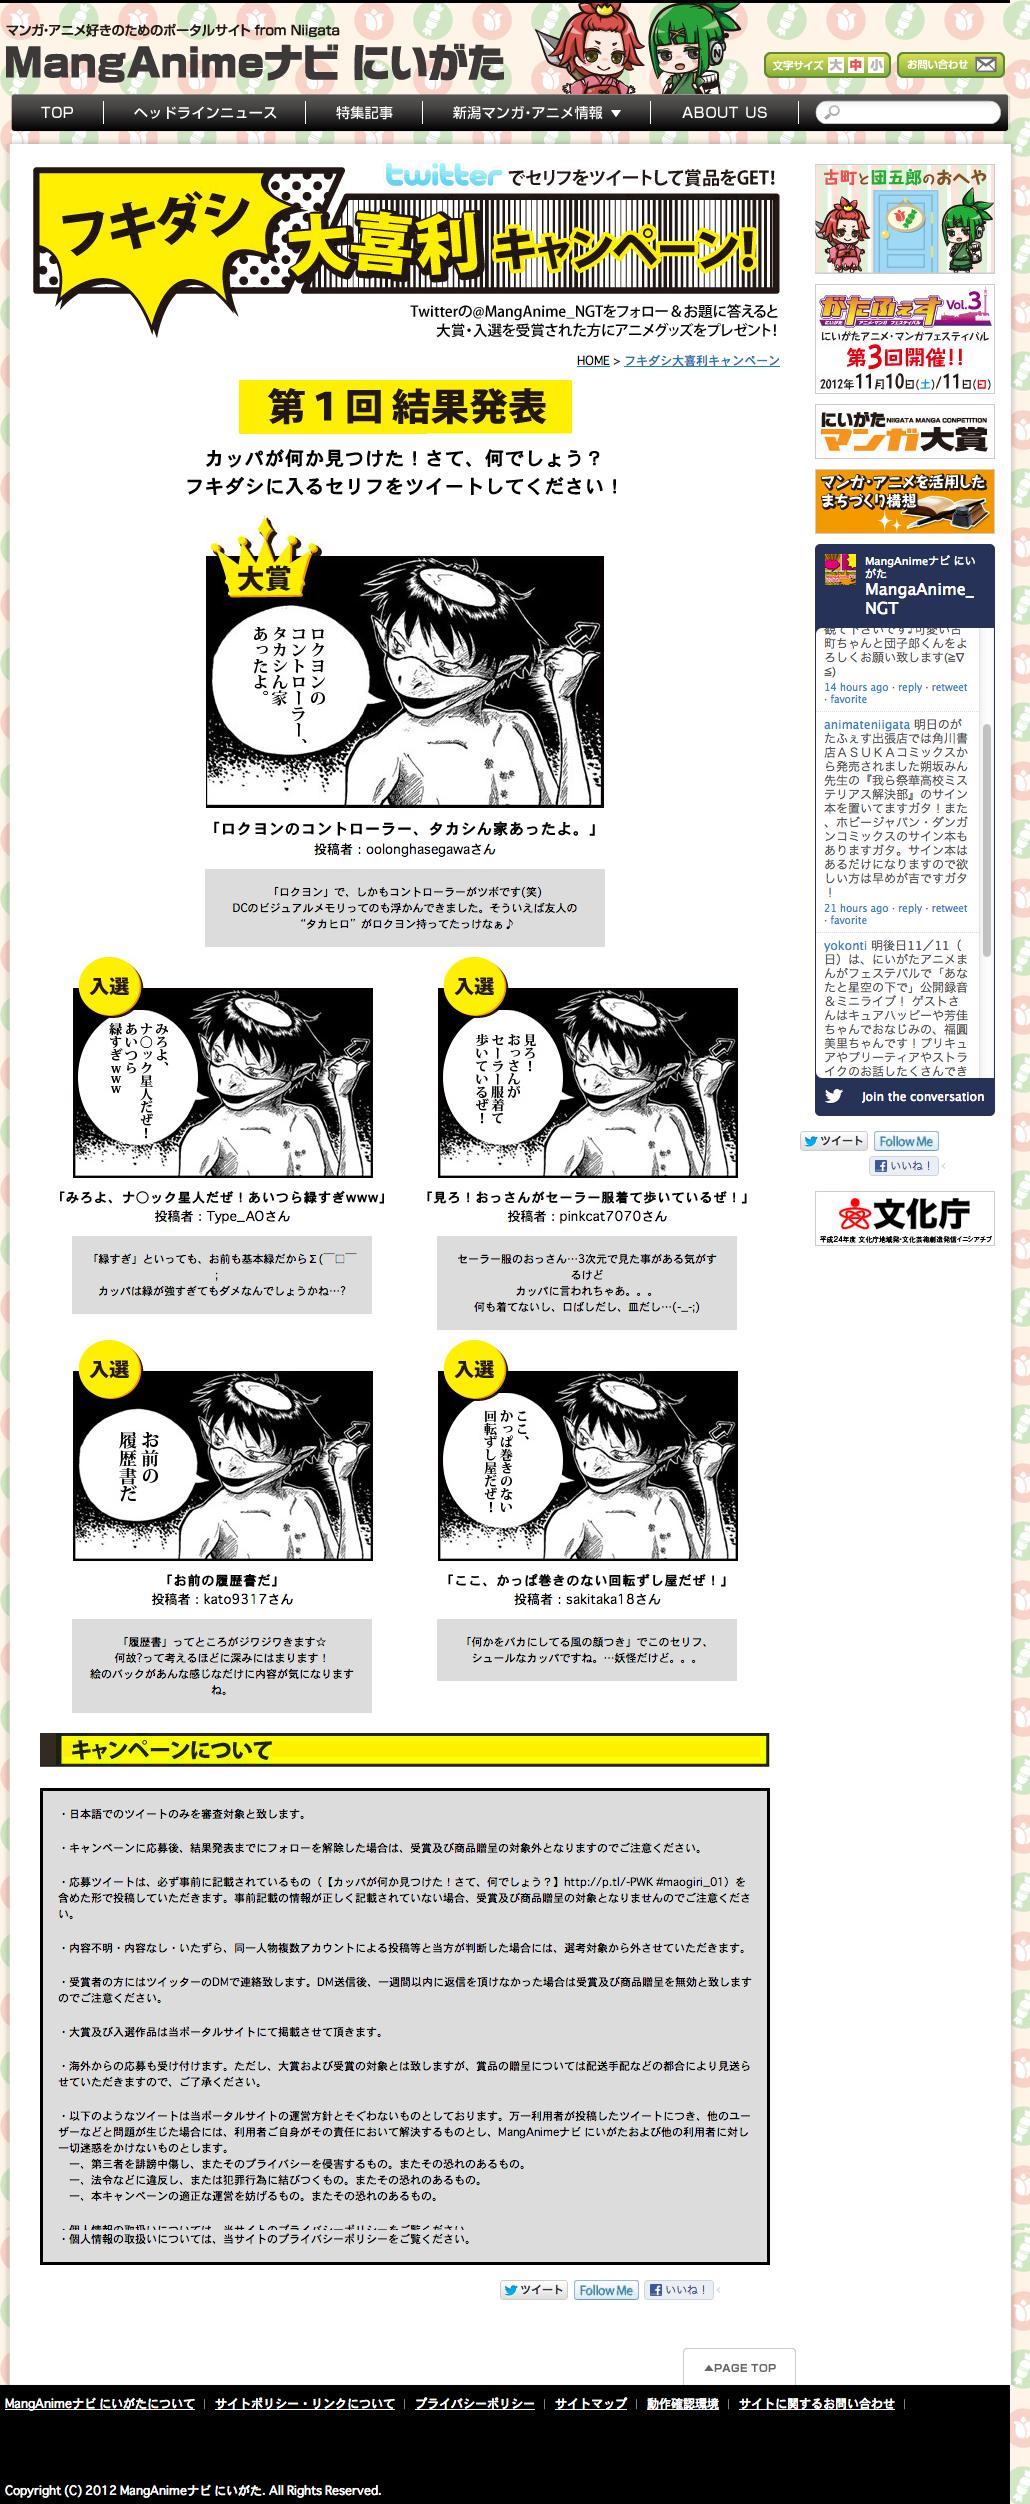 ツイッター大喜利キャンペーン   MangAnimeナビ にいがた ~新潟発!マンガ・アニメ総合サイト~